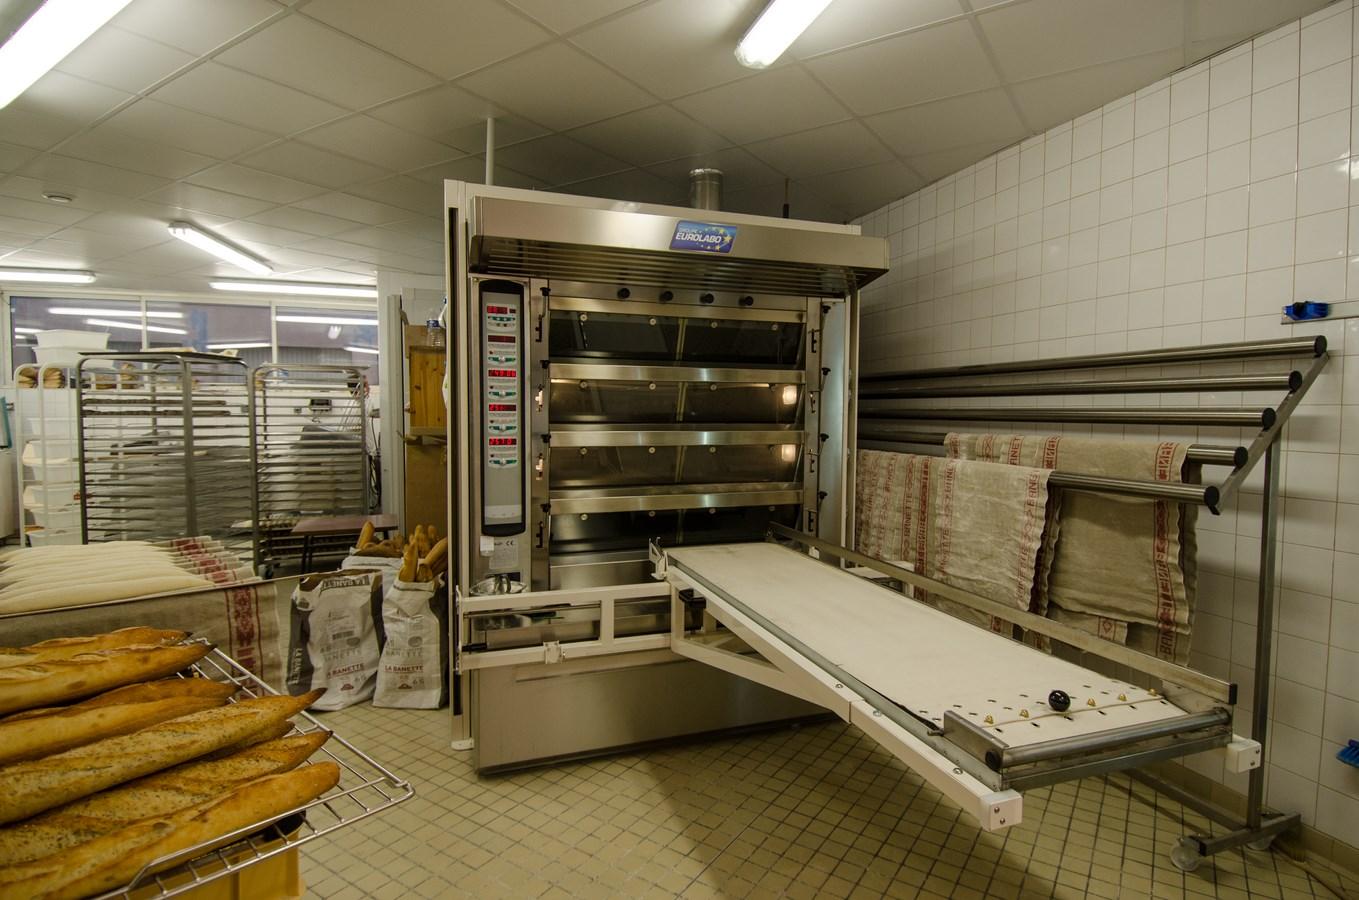 Agencement laboratoire boulangerie - pâtisserie De Benedittis